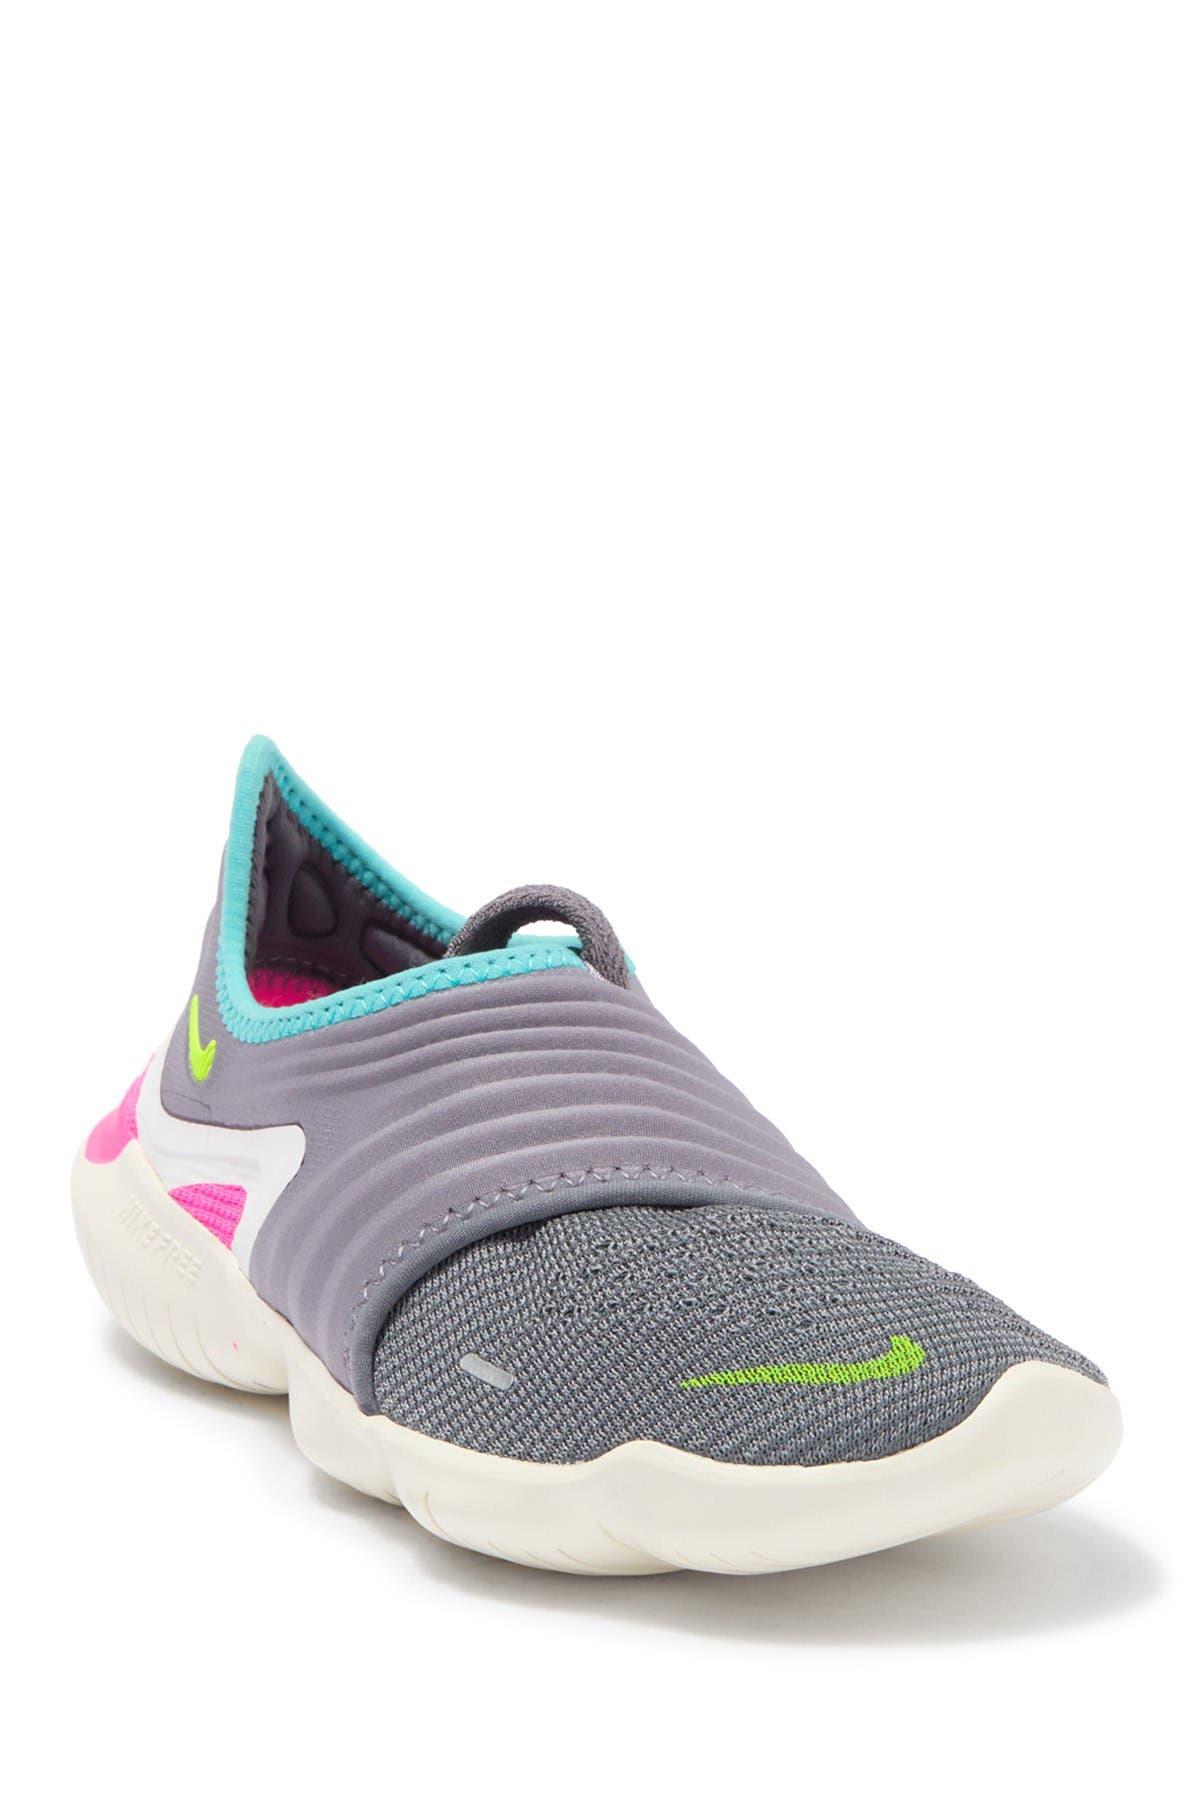 Image of Nike Free RN Flyknit 3.0 Sneaker